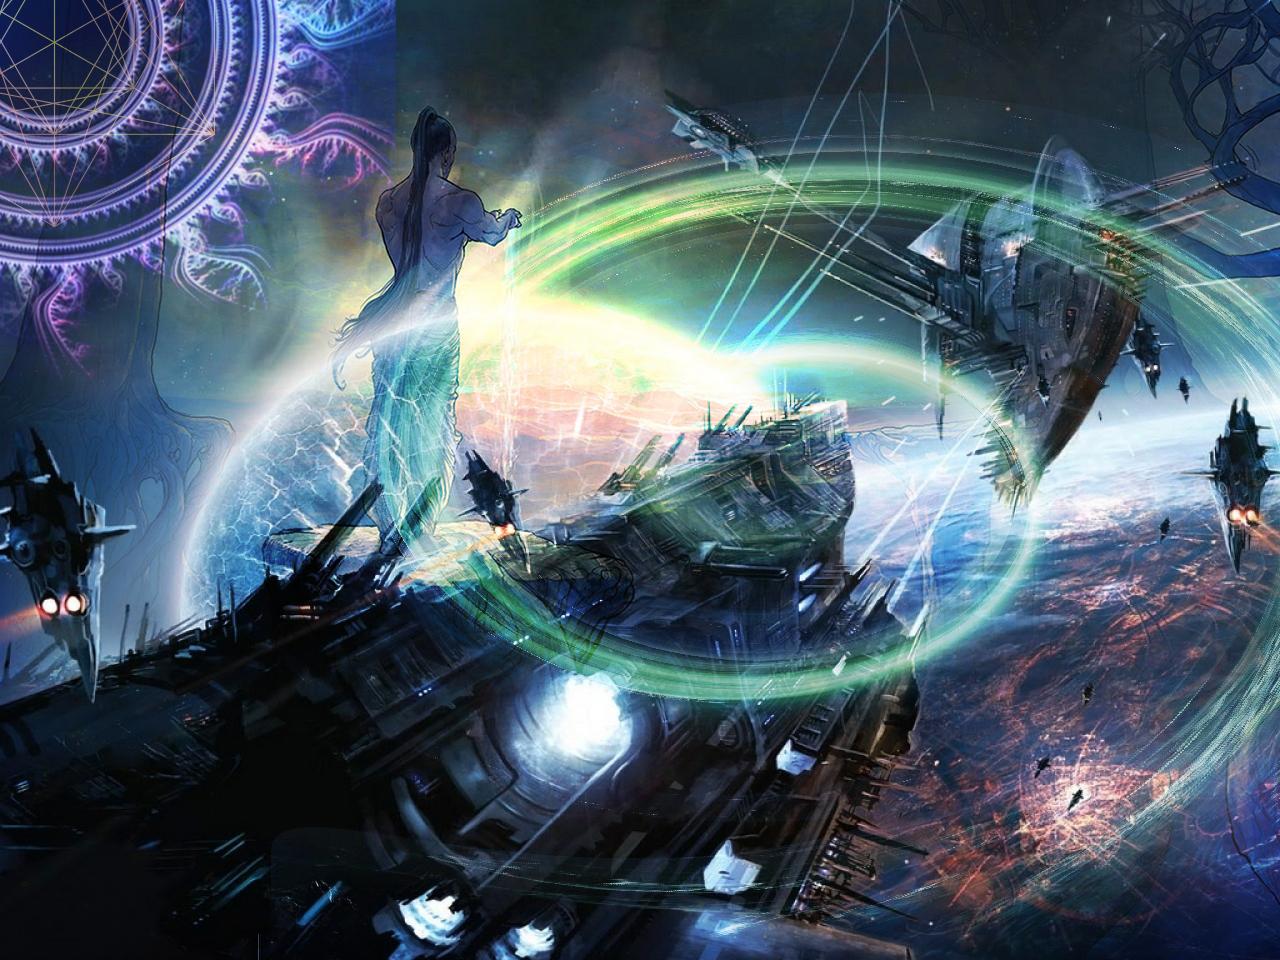 spacebattle_psylenthfiction